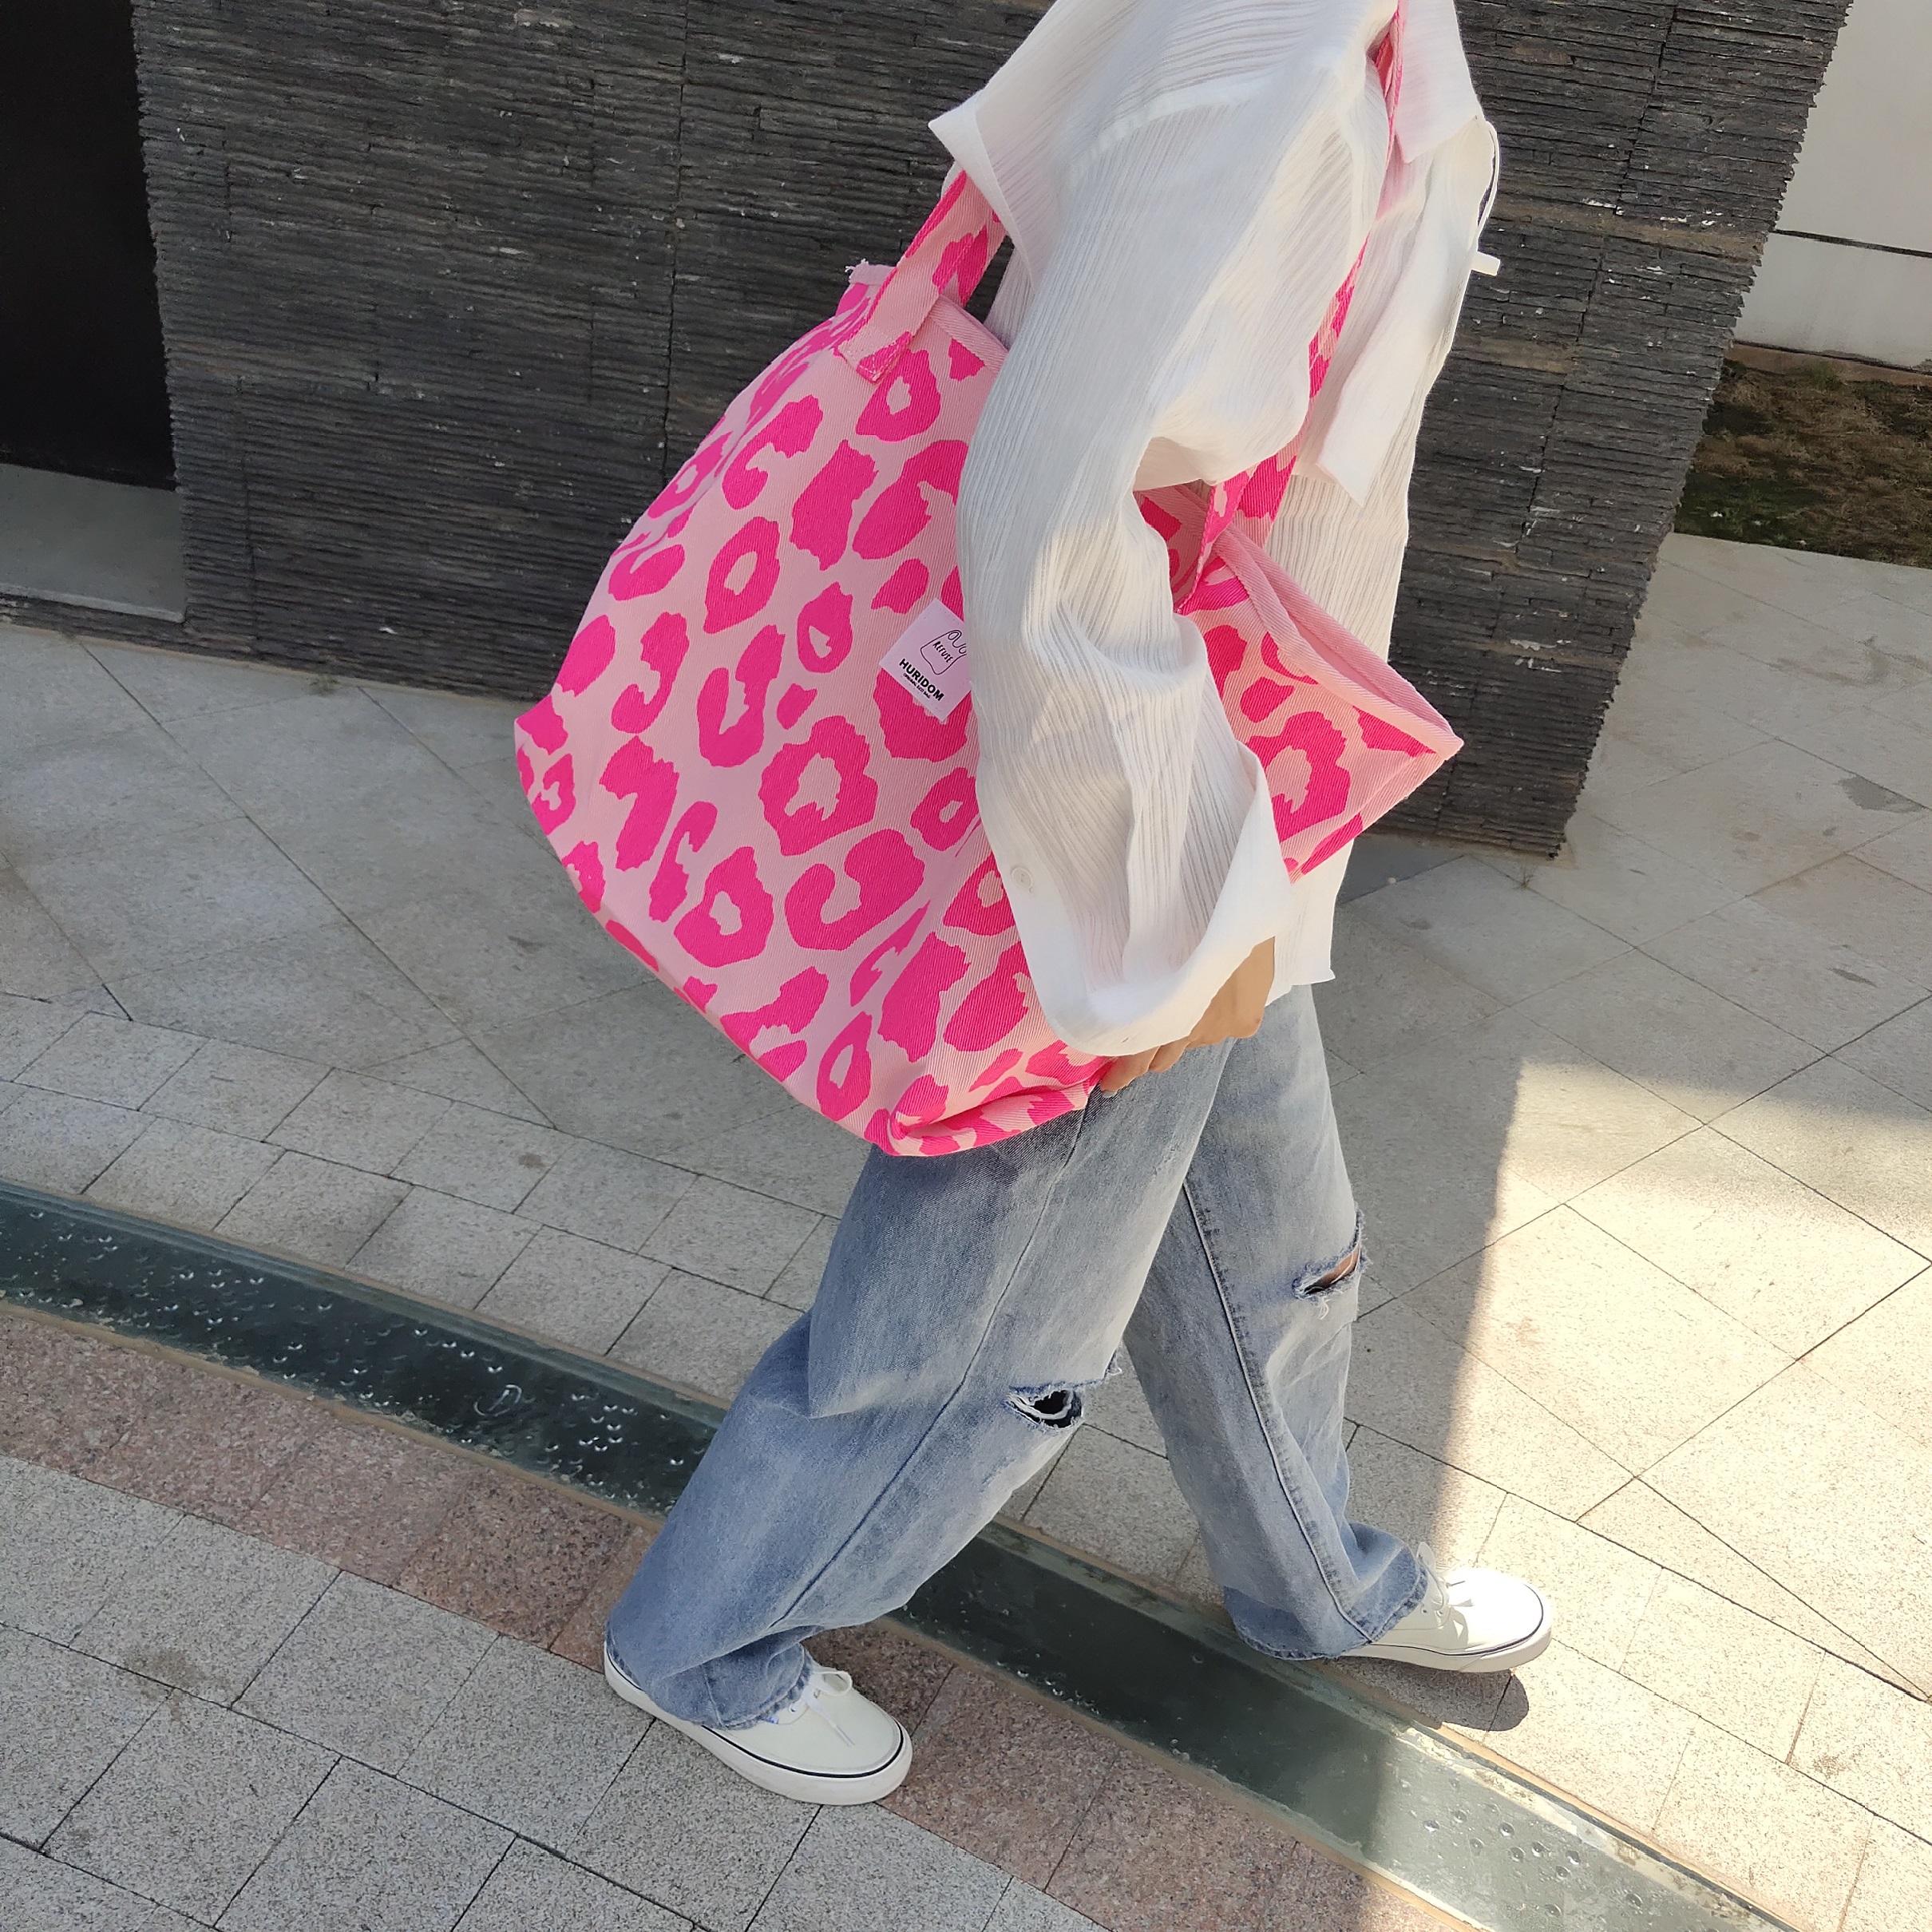 粉红色帆布包 韩国东大门新款粉红色豹纹大容量托特包动物纹帆布包女单肩手提包_推荐淘宝好看的粉红色帆布包